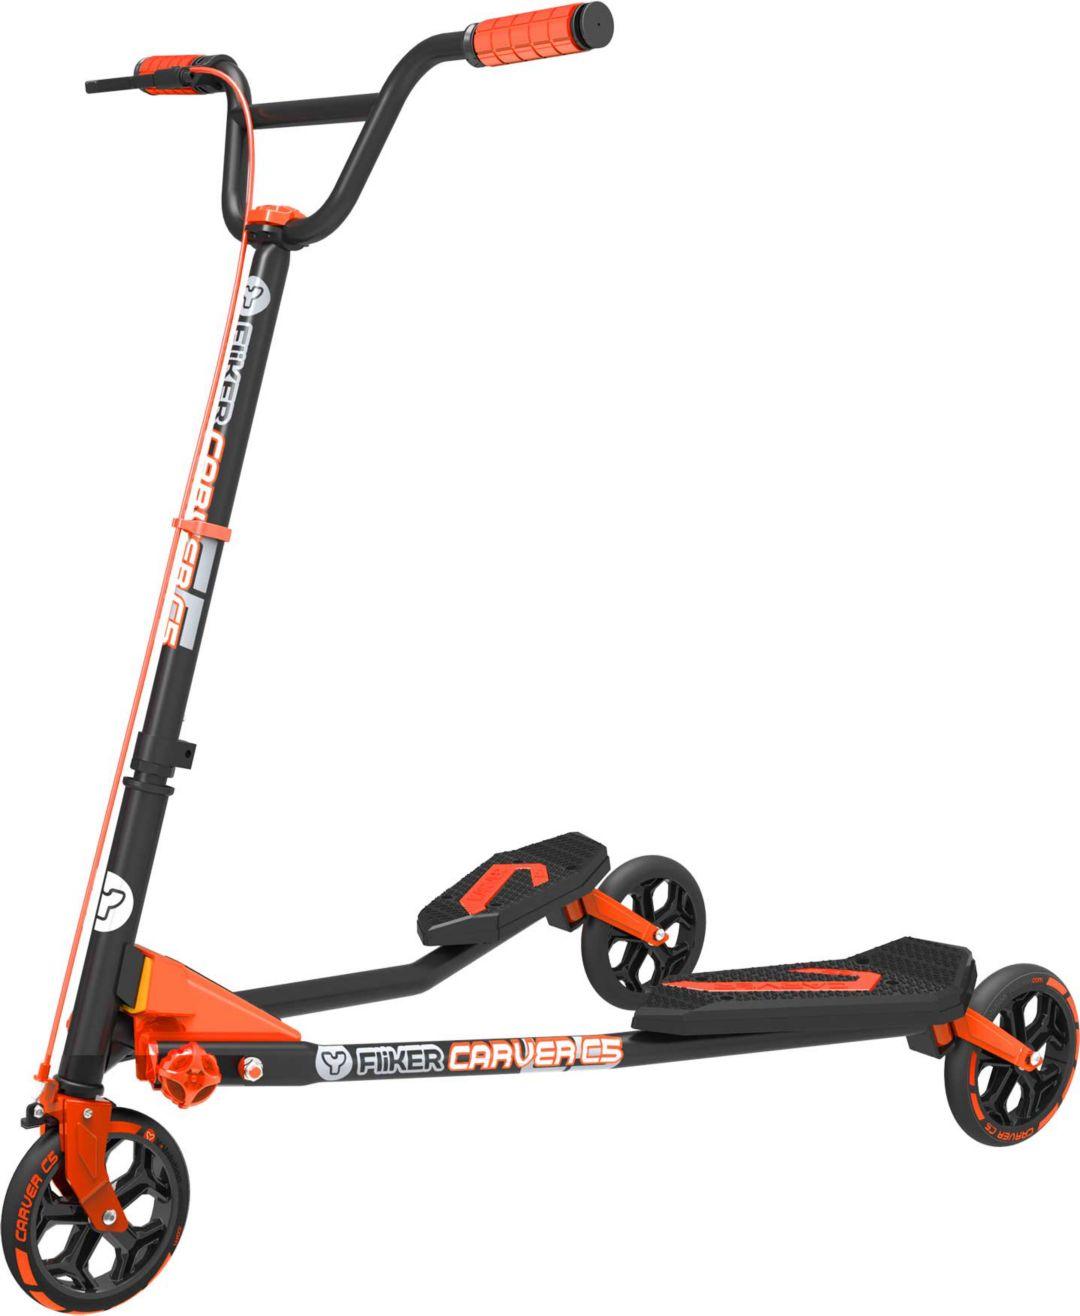 Y Fliker Scooter >> Yvolution Y Fliker Carver C5 Scooter